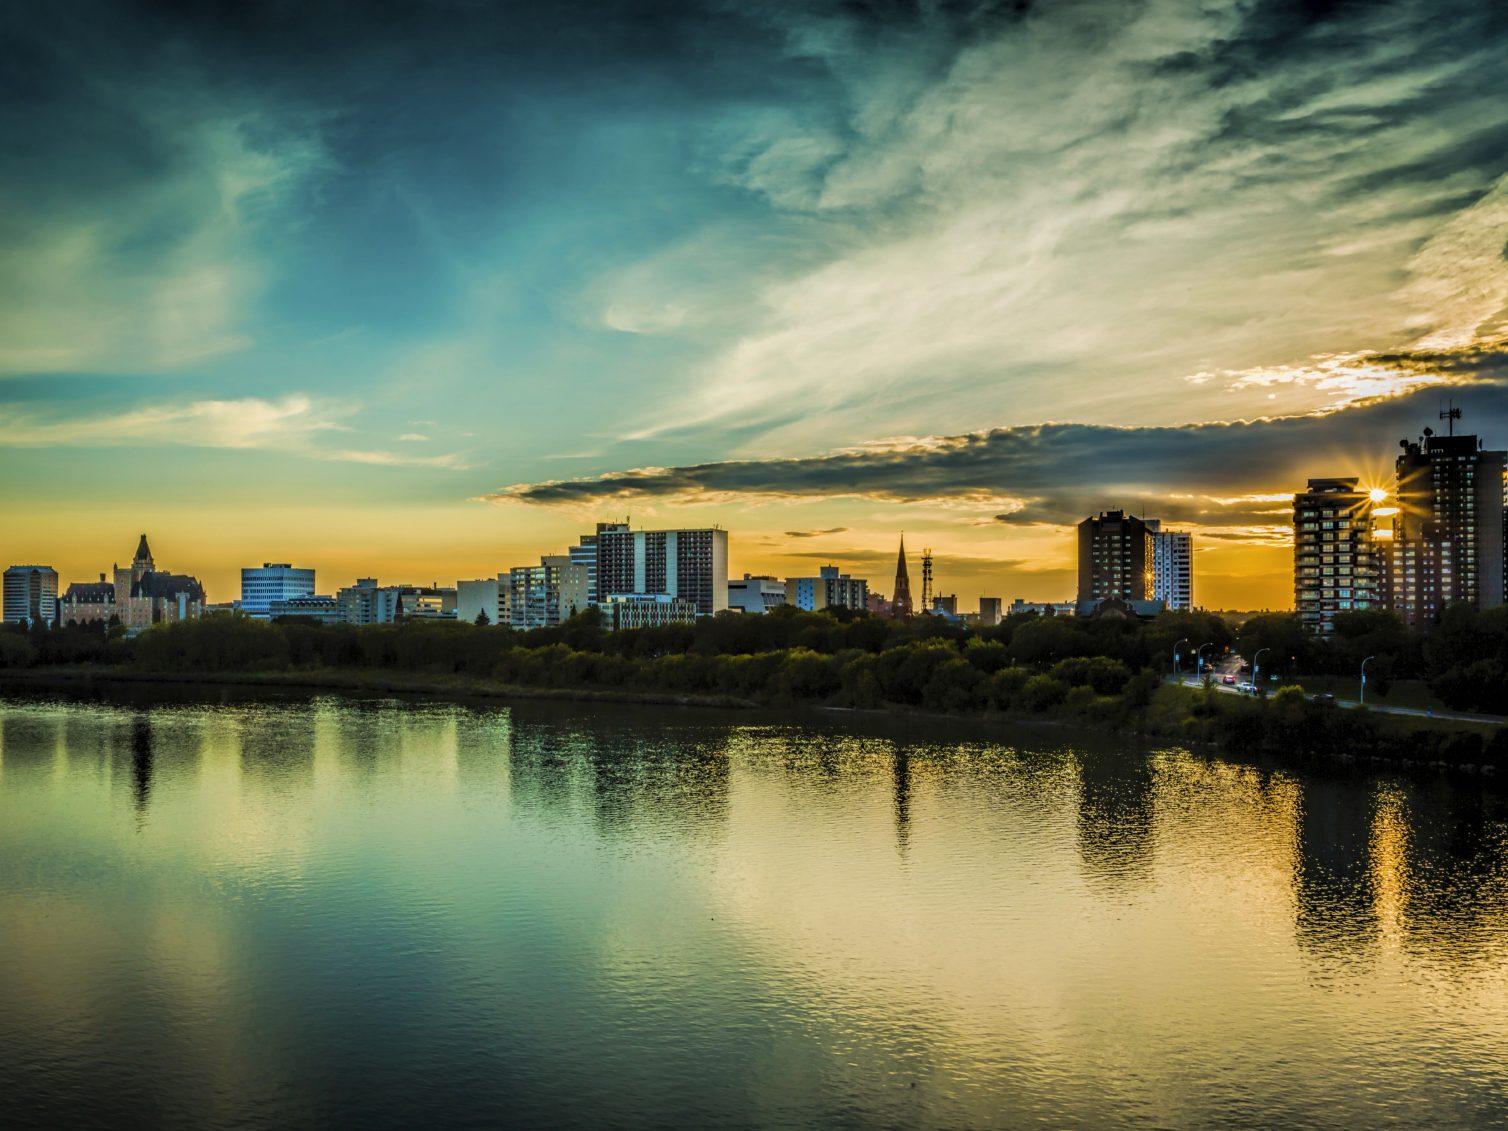 8. Saskatoon, Saskatchewan